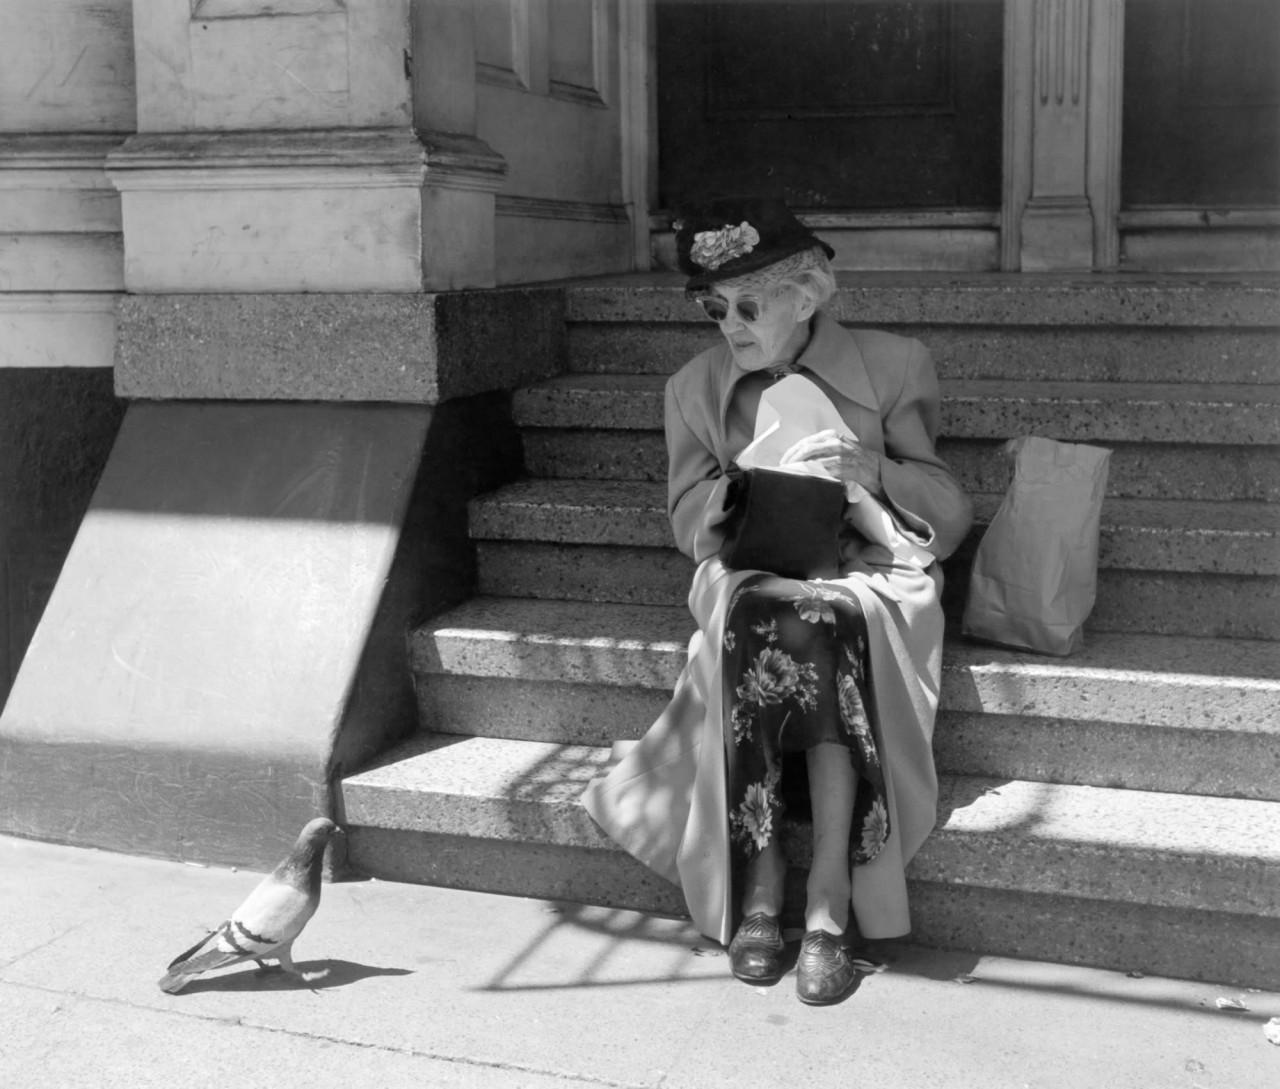 Одиночка, около 1950. Фотограф Имоджен Каннингем